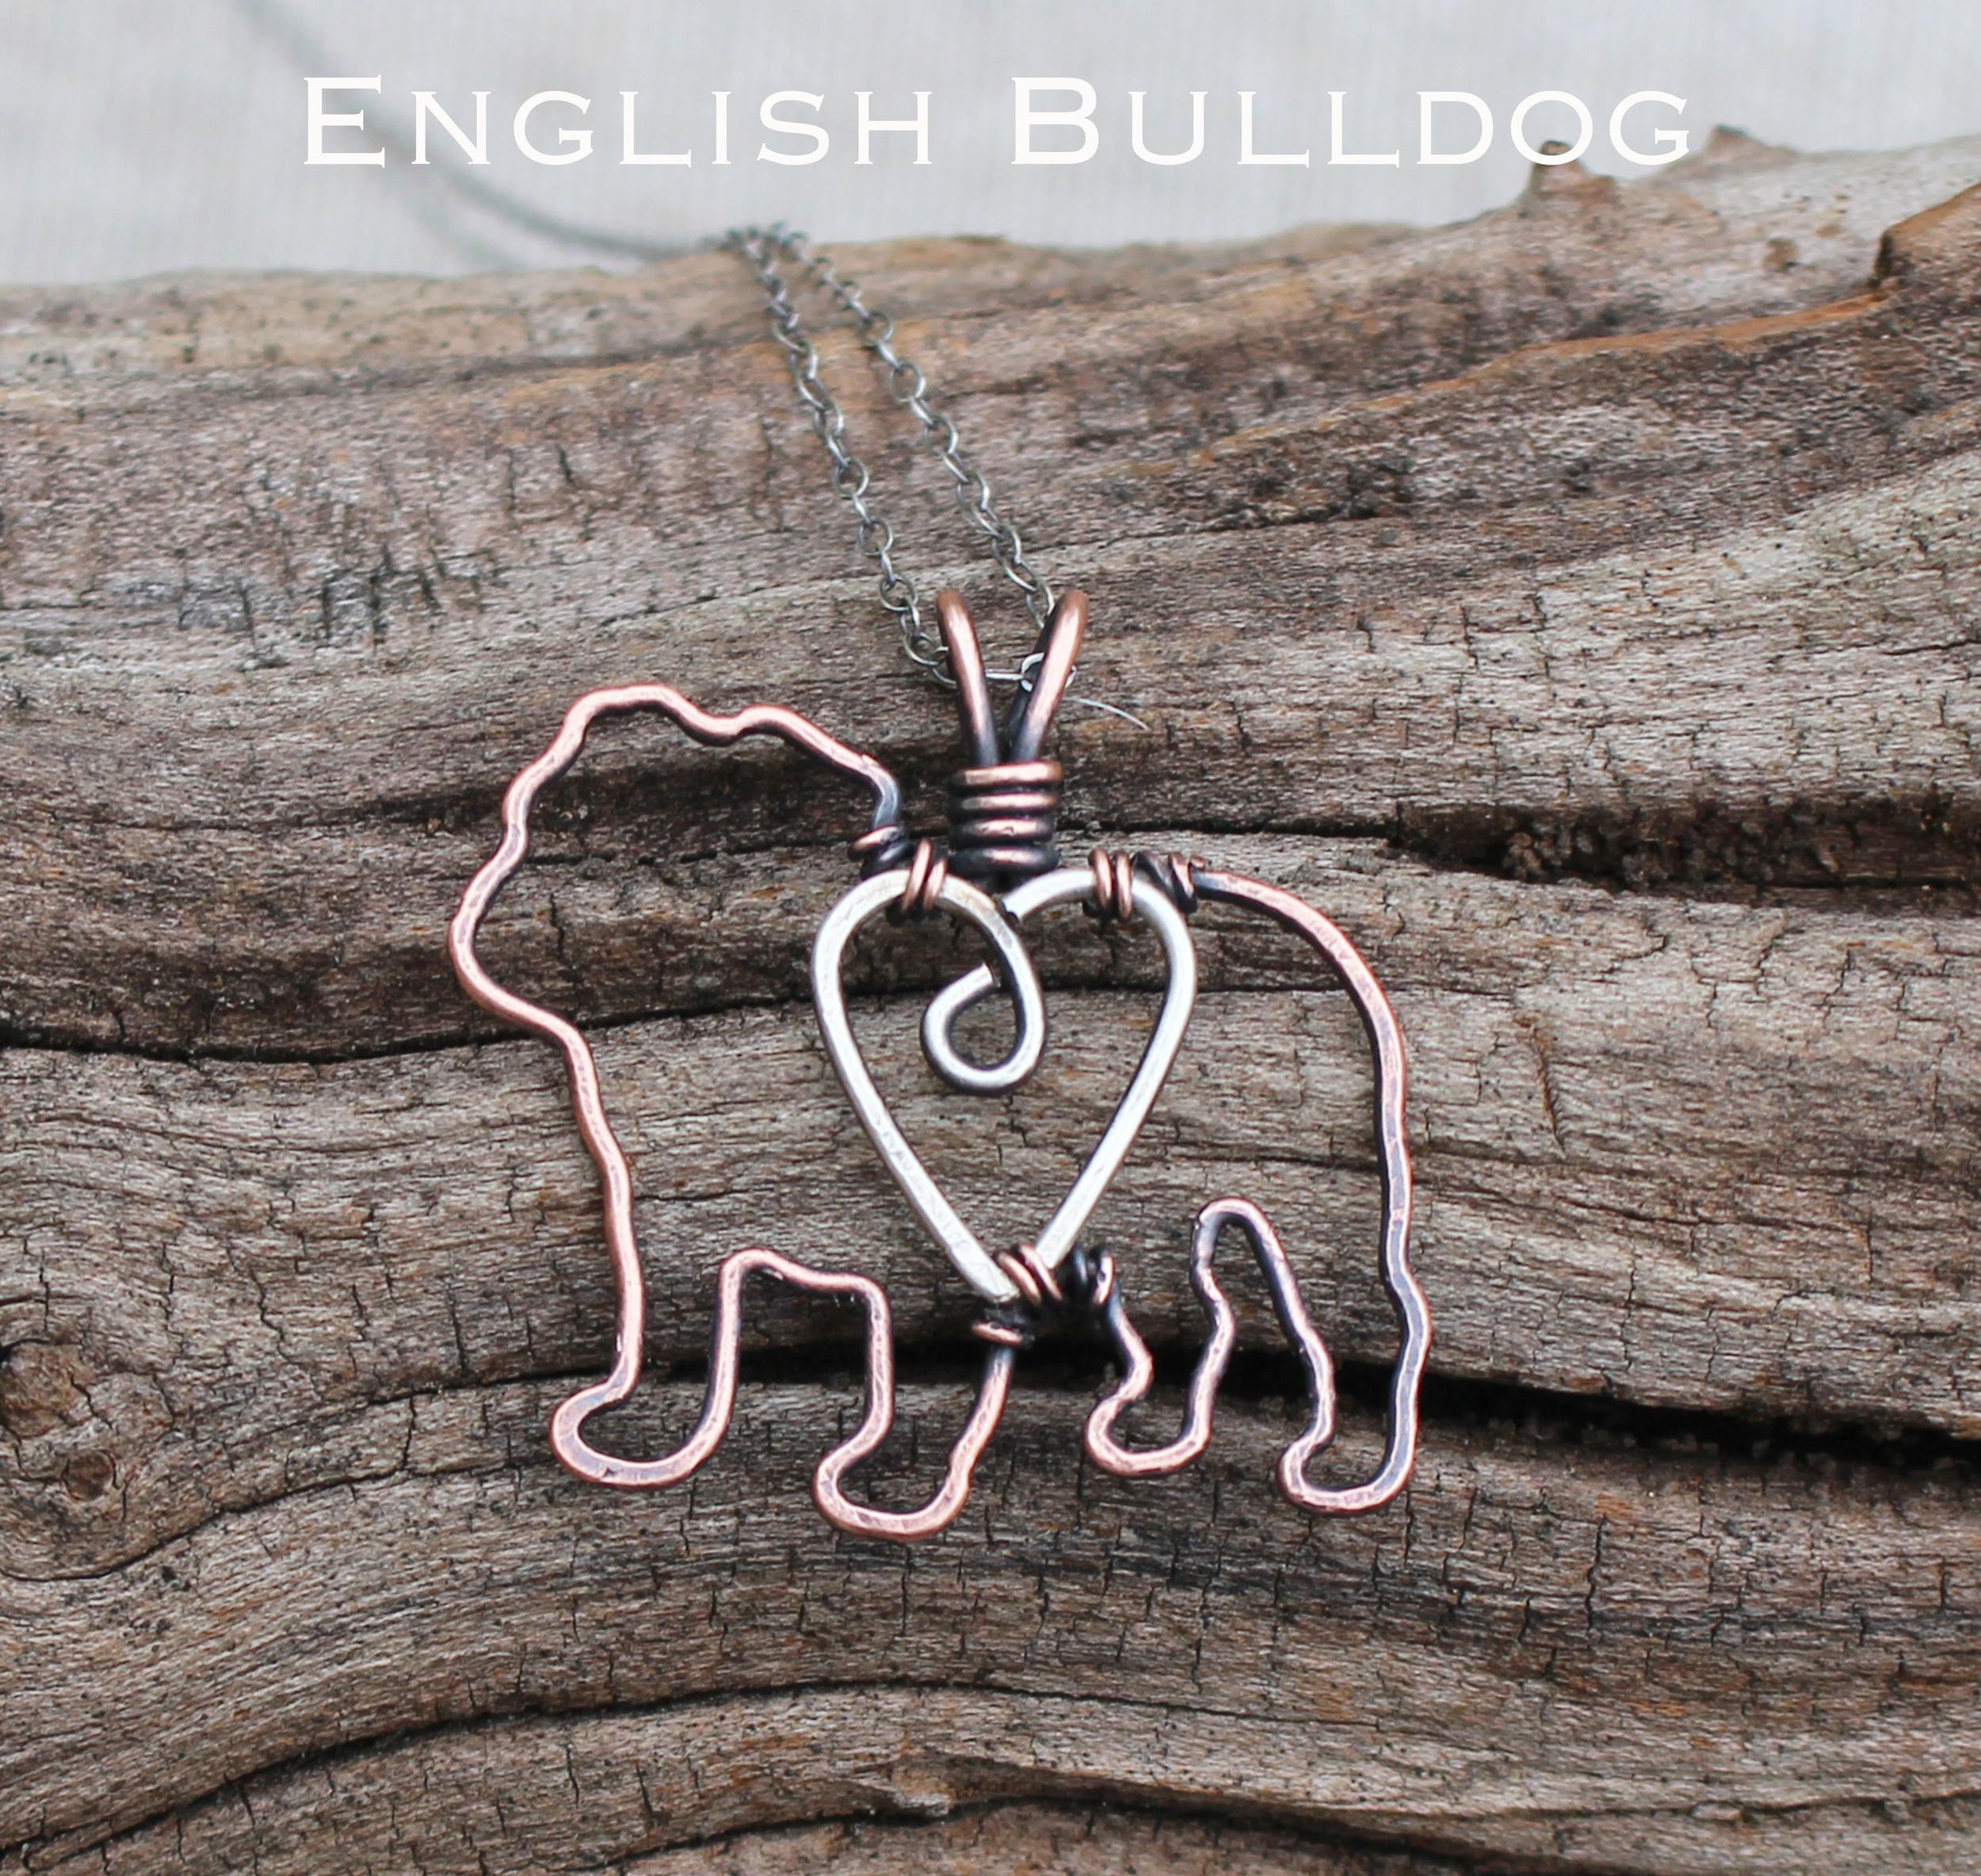 english bulldog2.jpg